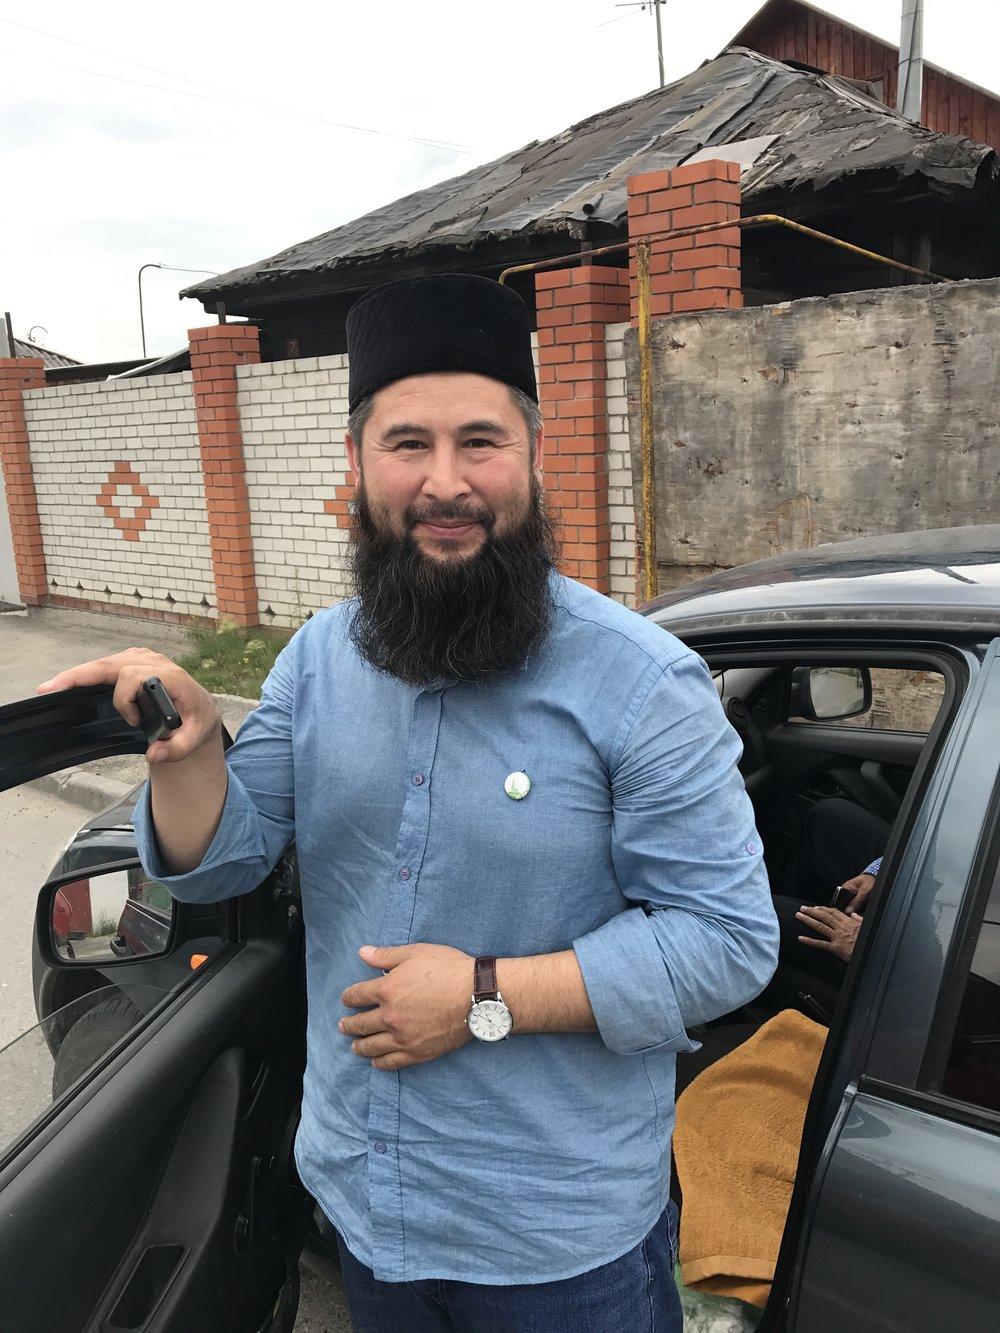 جَنّات - رجل بشوش لطيف، التقيت به عند مدخل المسجد، عرض علي إيصالي إلى توبولسك